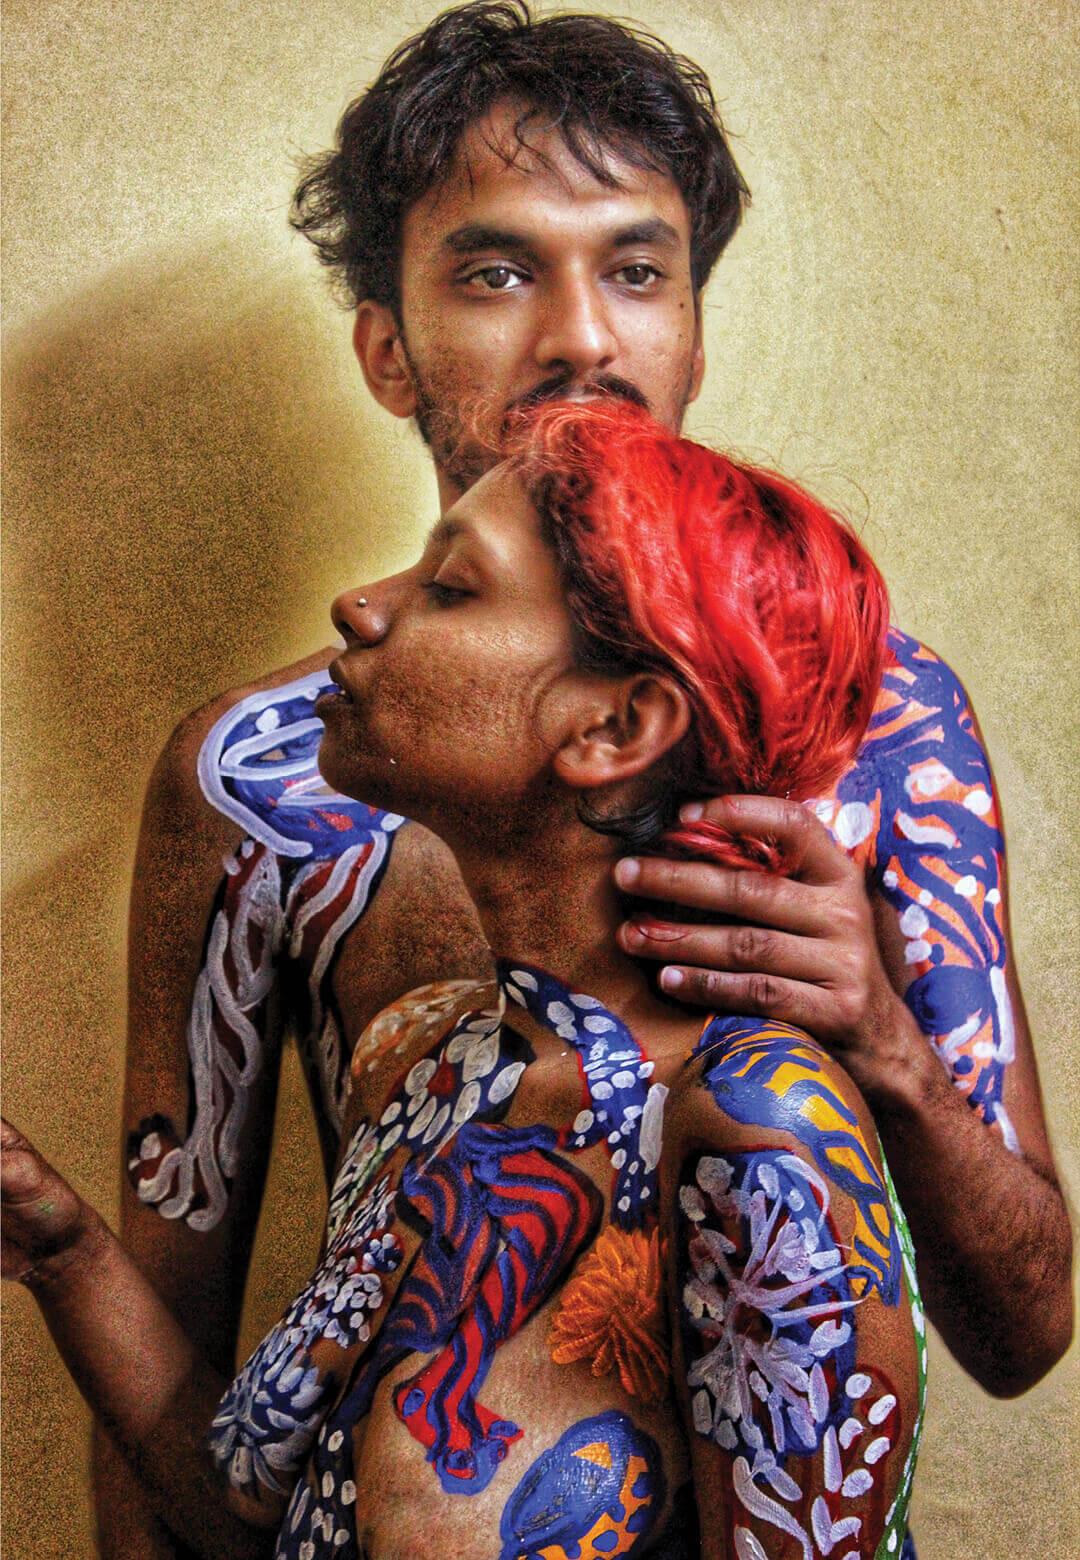 Ratyaditya Verma's body based artworks often include couples | Aditya Verma | STIRworld